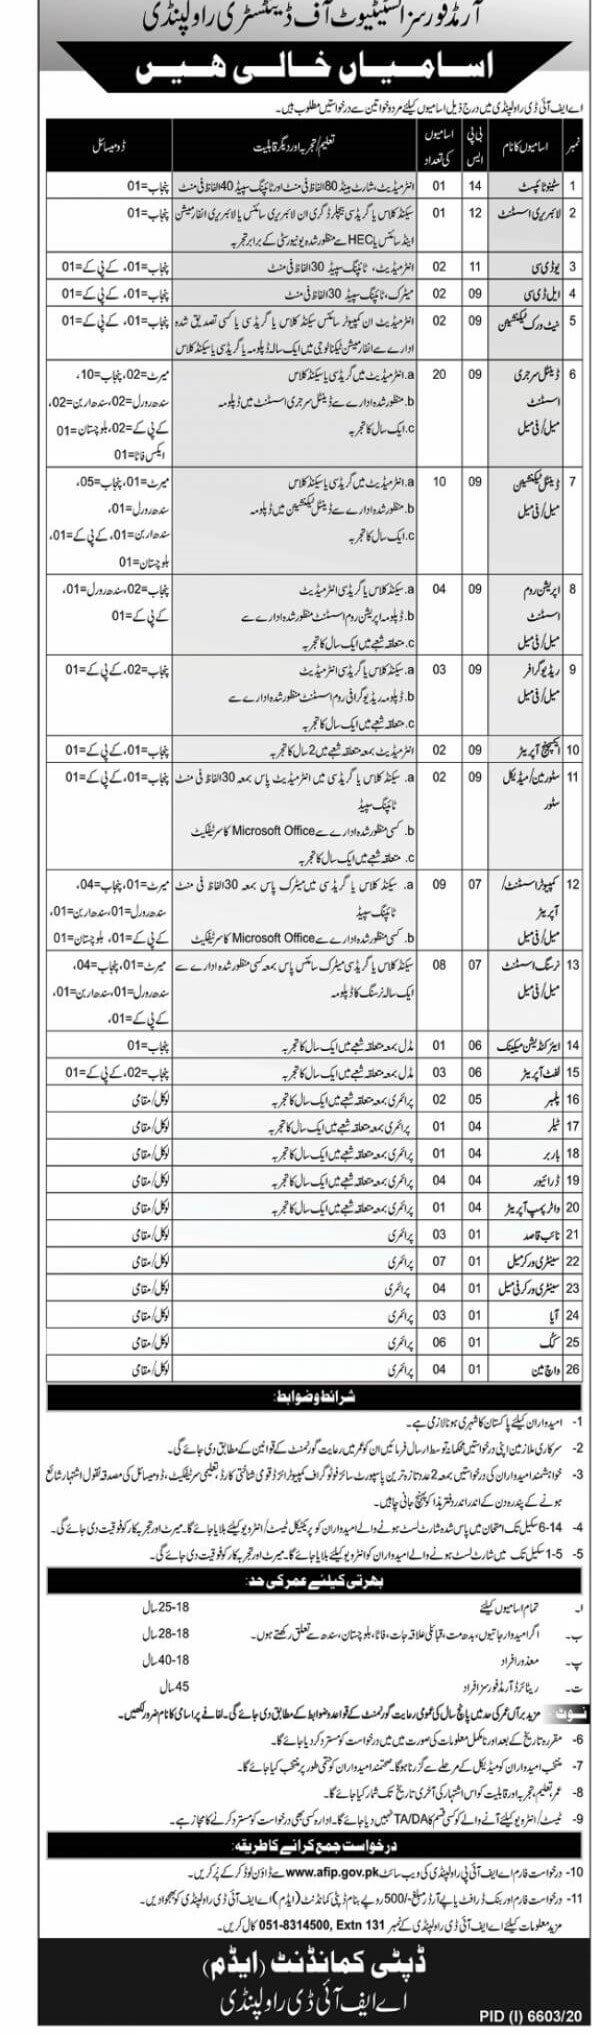 Armed Forces Institute of Dentistry Rawalpindi AFID Jobs 2021 in Pakistan